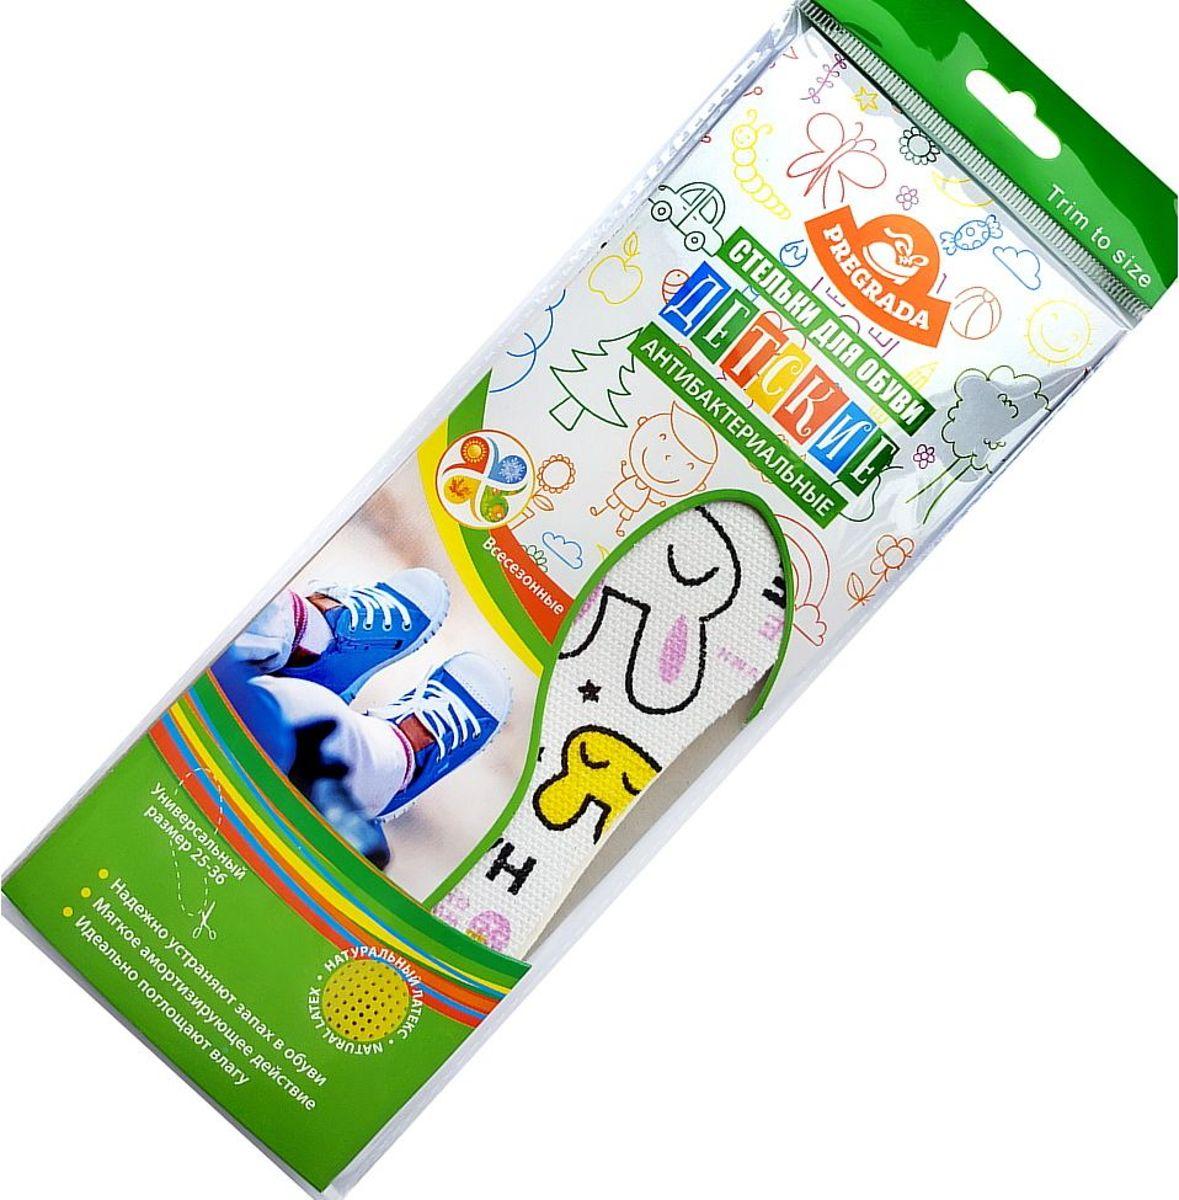 Стельки для обуви детские Pregrada, антибактериальные, цвет: белый. Размер универсальныйGL-004Стельки ДЕТСКИЕ для обуви антибактериальные с активированным углем (несколько рисунков в одной коробке) (размер 25-36). Антибактериальная пропитка эффективно подавляет рост бактерий особенно в закрытой обуви. Слой мягкой латексной пены впитывает запах и обеспечивает амортизацию стопы при ходьбе.